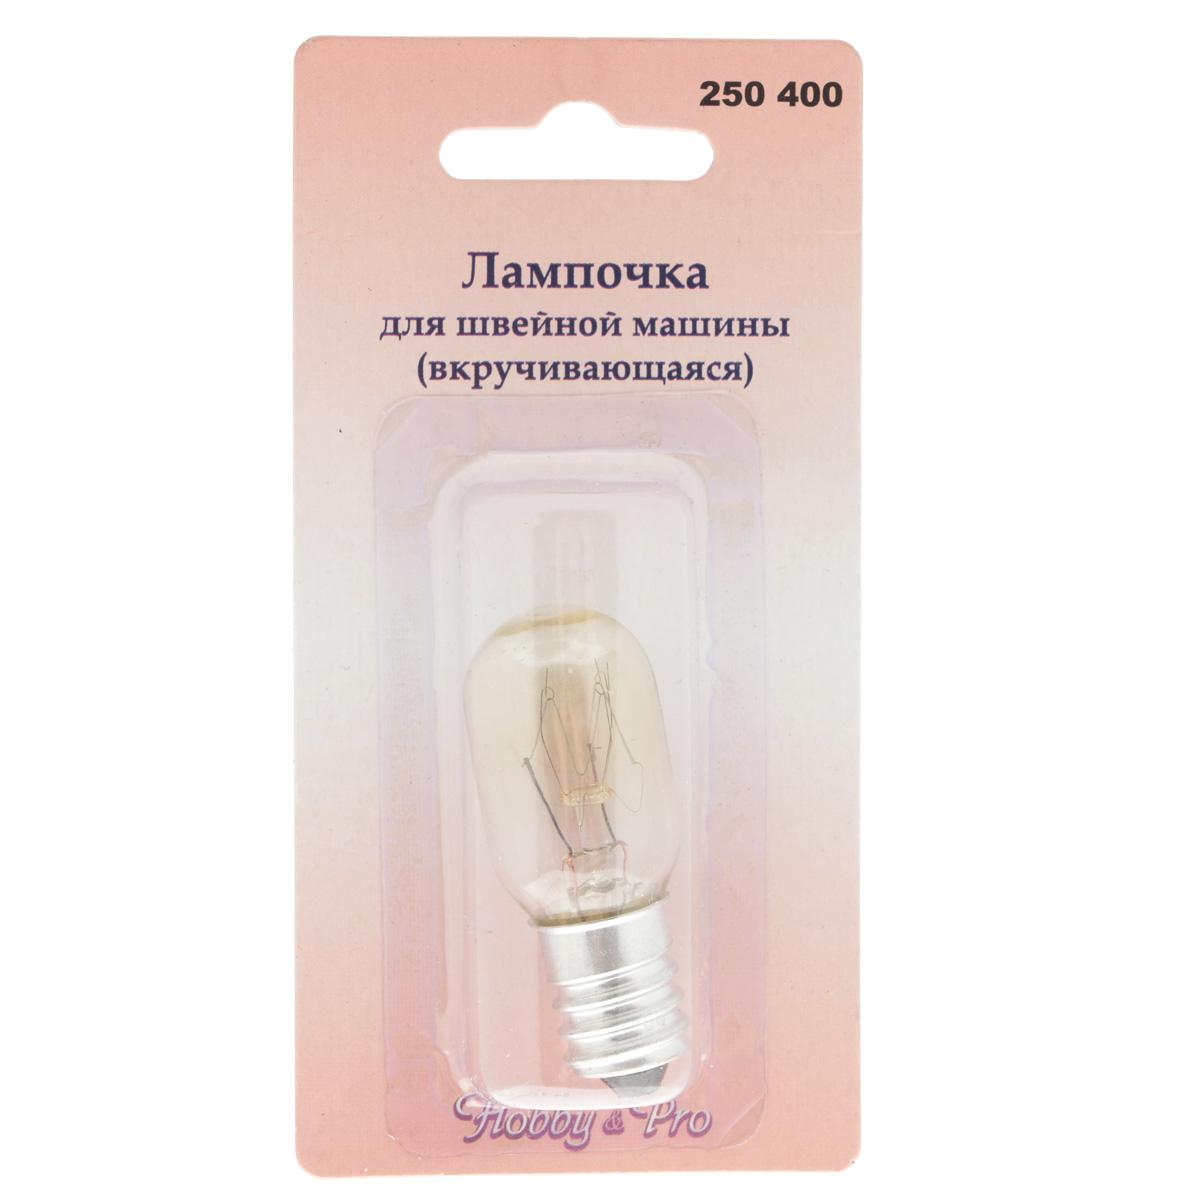 Лампочка для швейной машины Hobby & Pro, вкручивающаяся, 2 см х 2 см х 4,5 смC0031140Вкручивающаяся лампочка 15W/220V Hobby & Pro подходит для швейных машин Brother, AstraLux, Toyota и других.Размер: 2 см х 2 см х 4,5 см.Перед тем, как вставить лампочку, необходимо сверить ее с размером оригинальной.